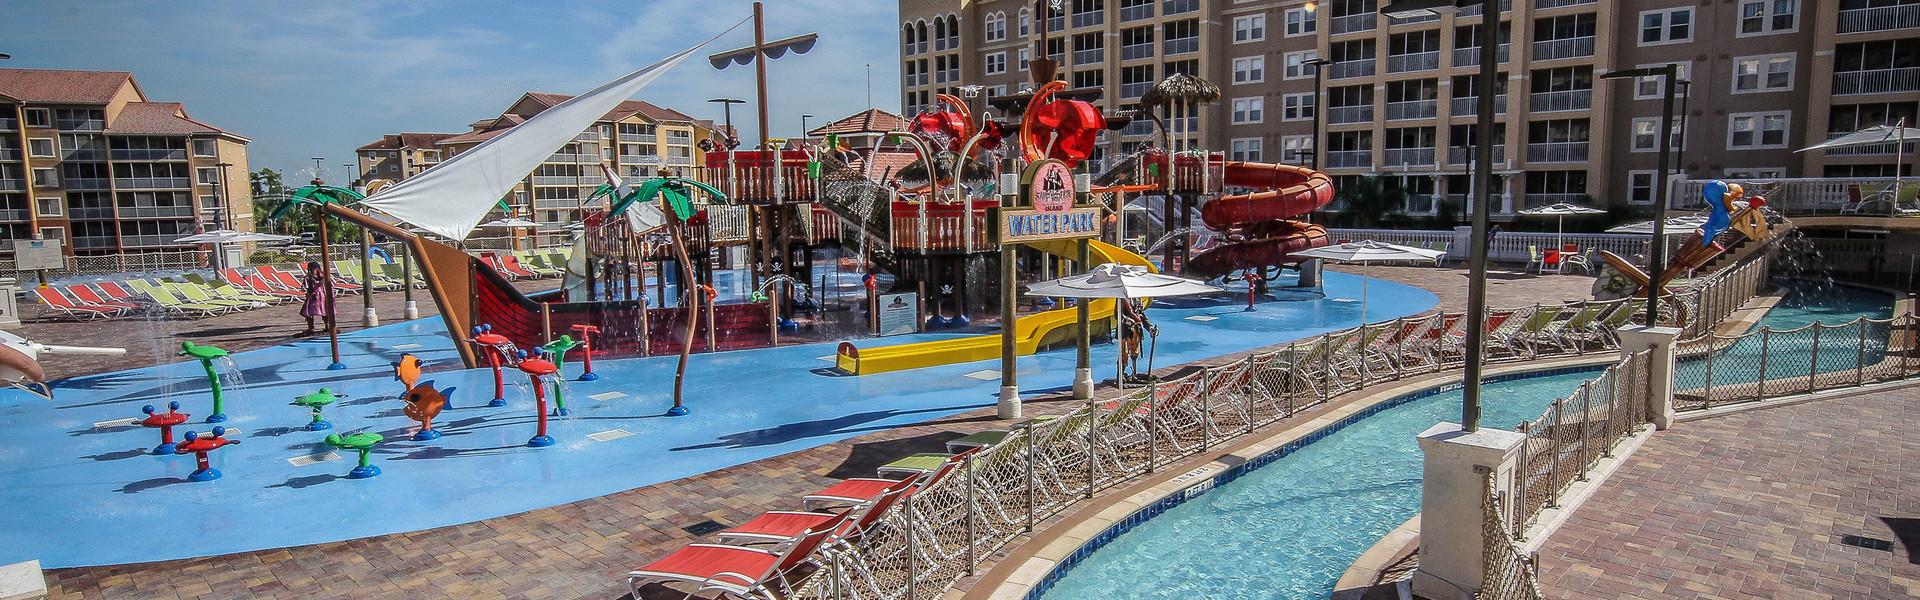 Water Park Attractions | Westgate Vacation Villas Resort & Spa